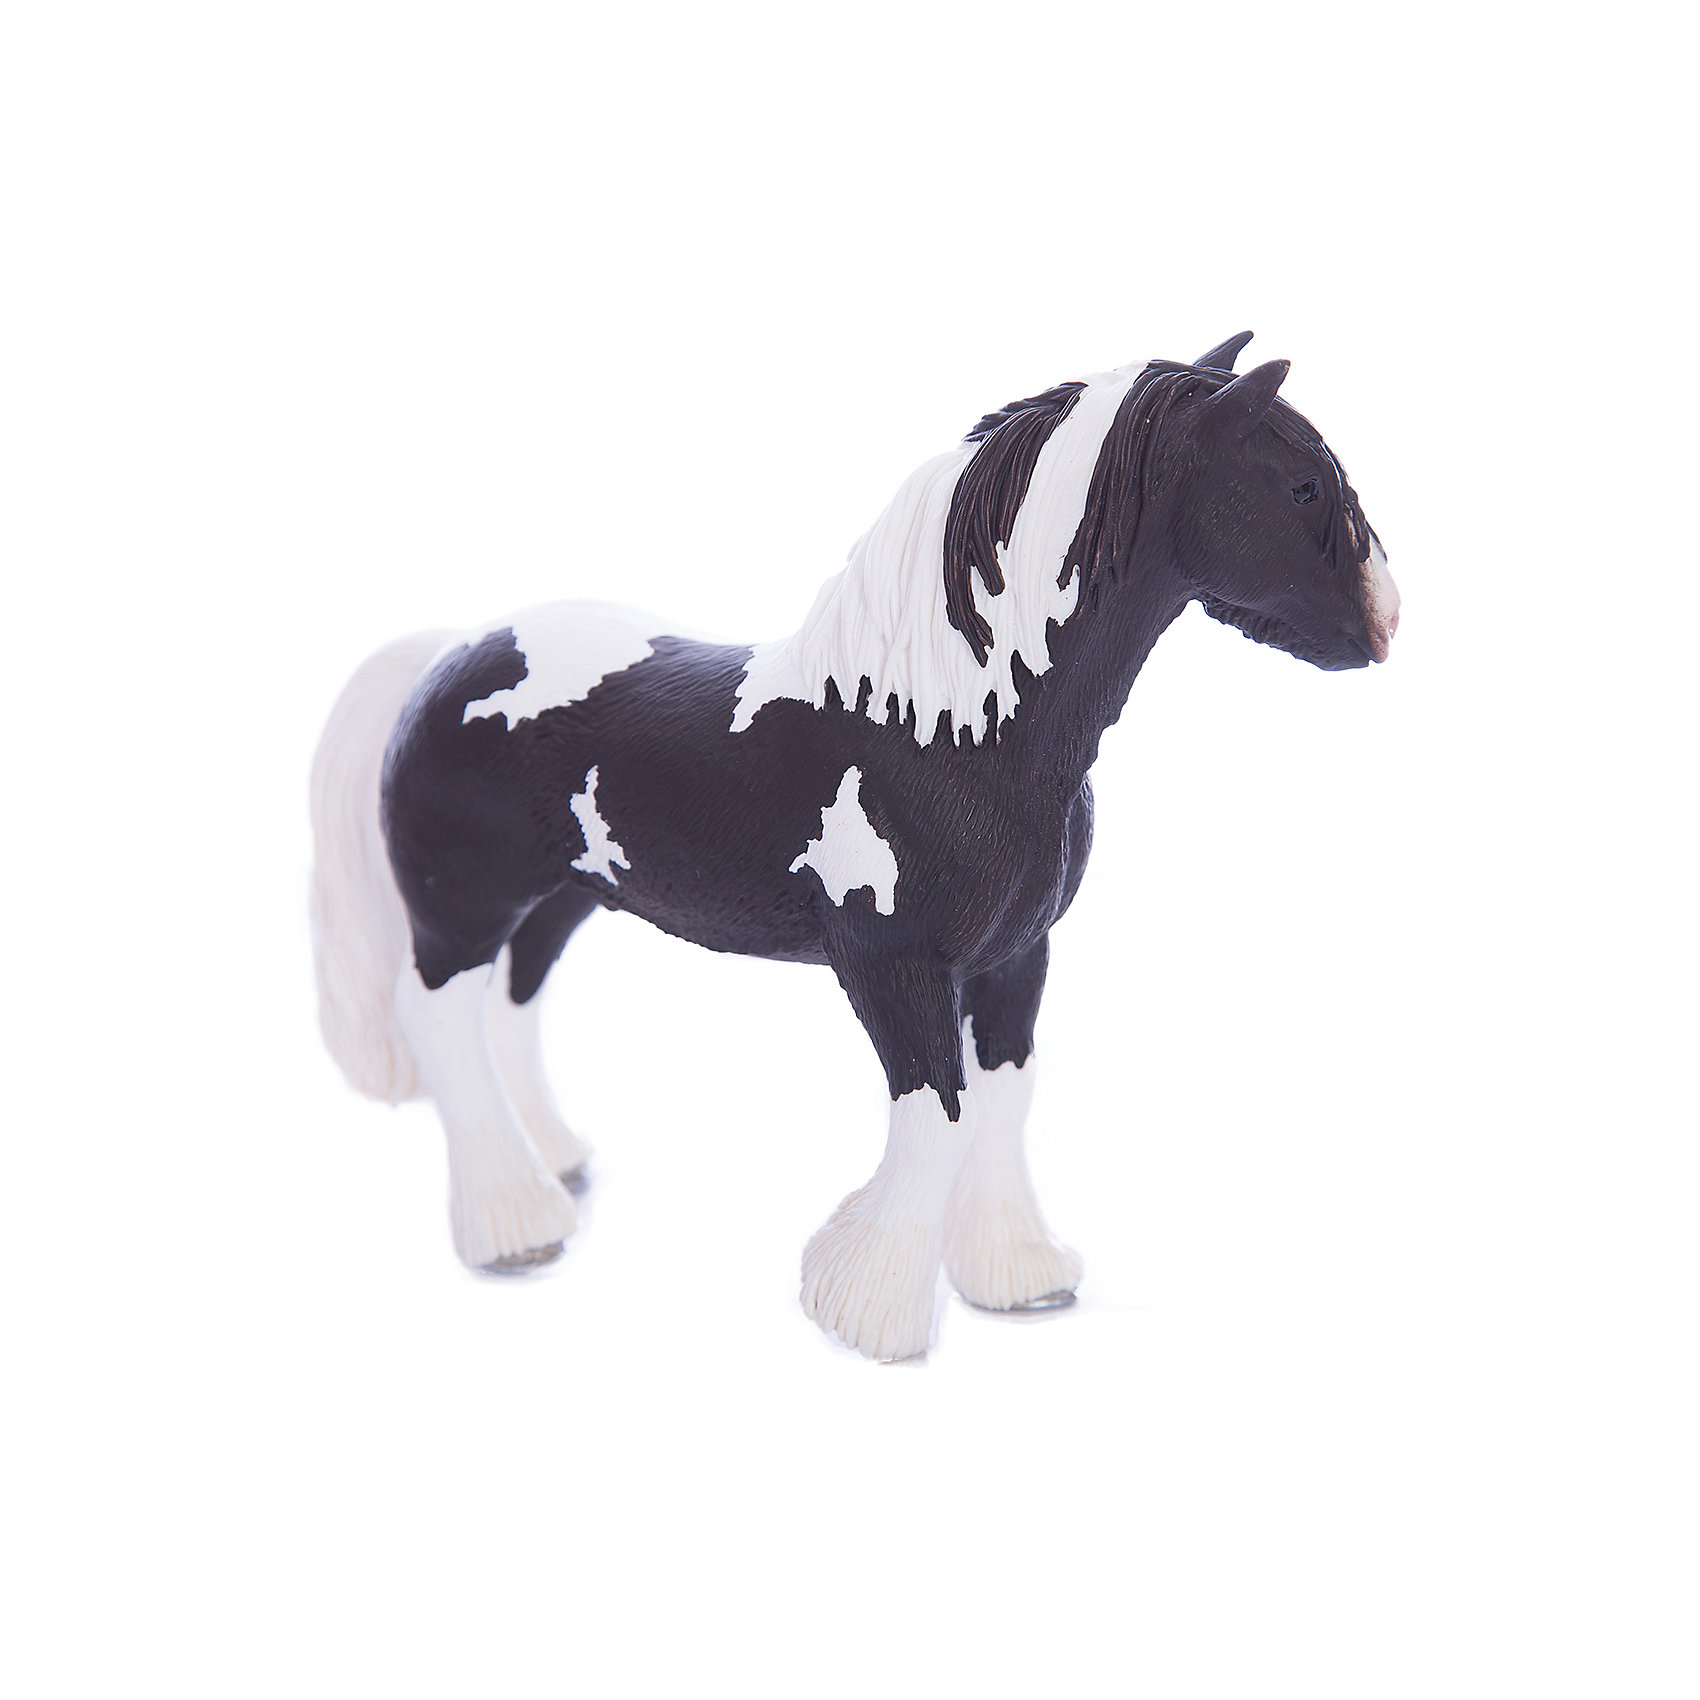 Schleich Жеребец Тинкер, Schleich фигурки игрушки schleich фиордская лошадь жеребец